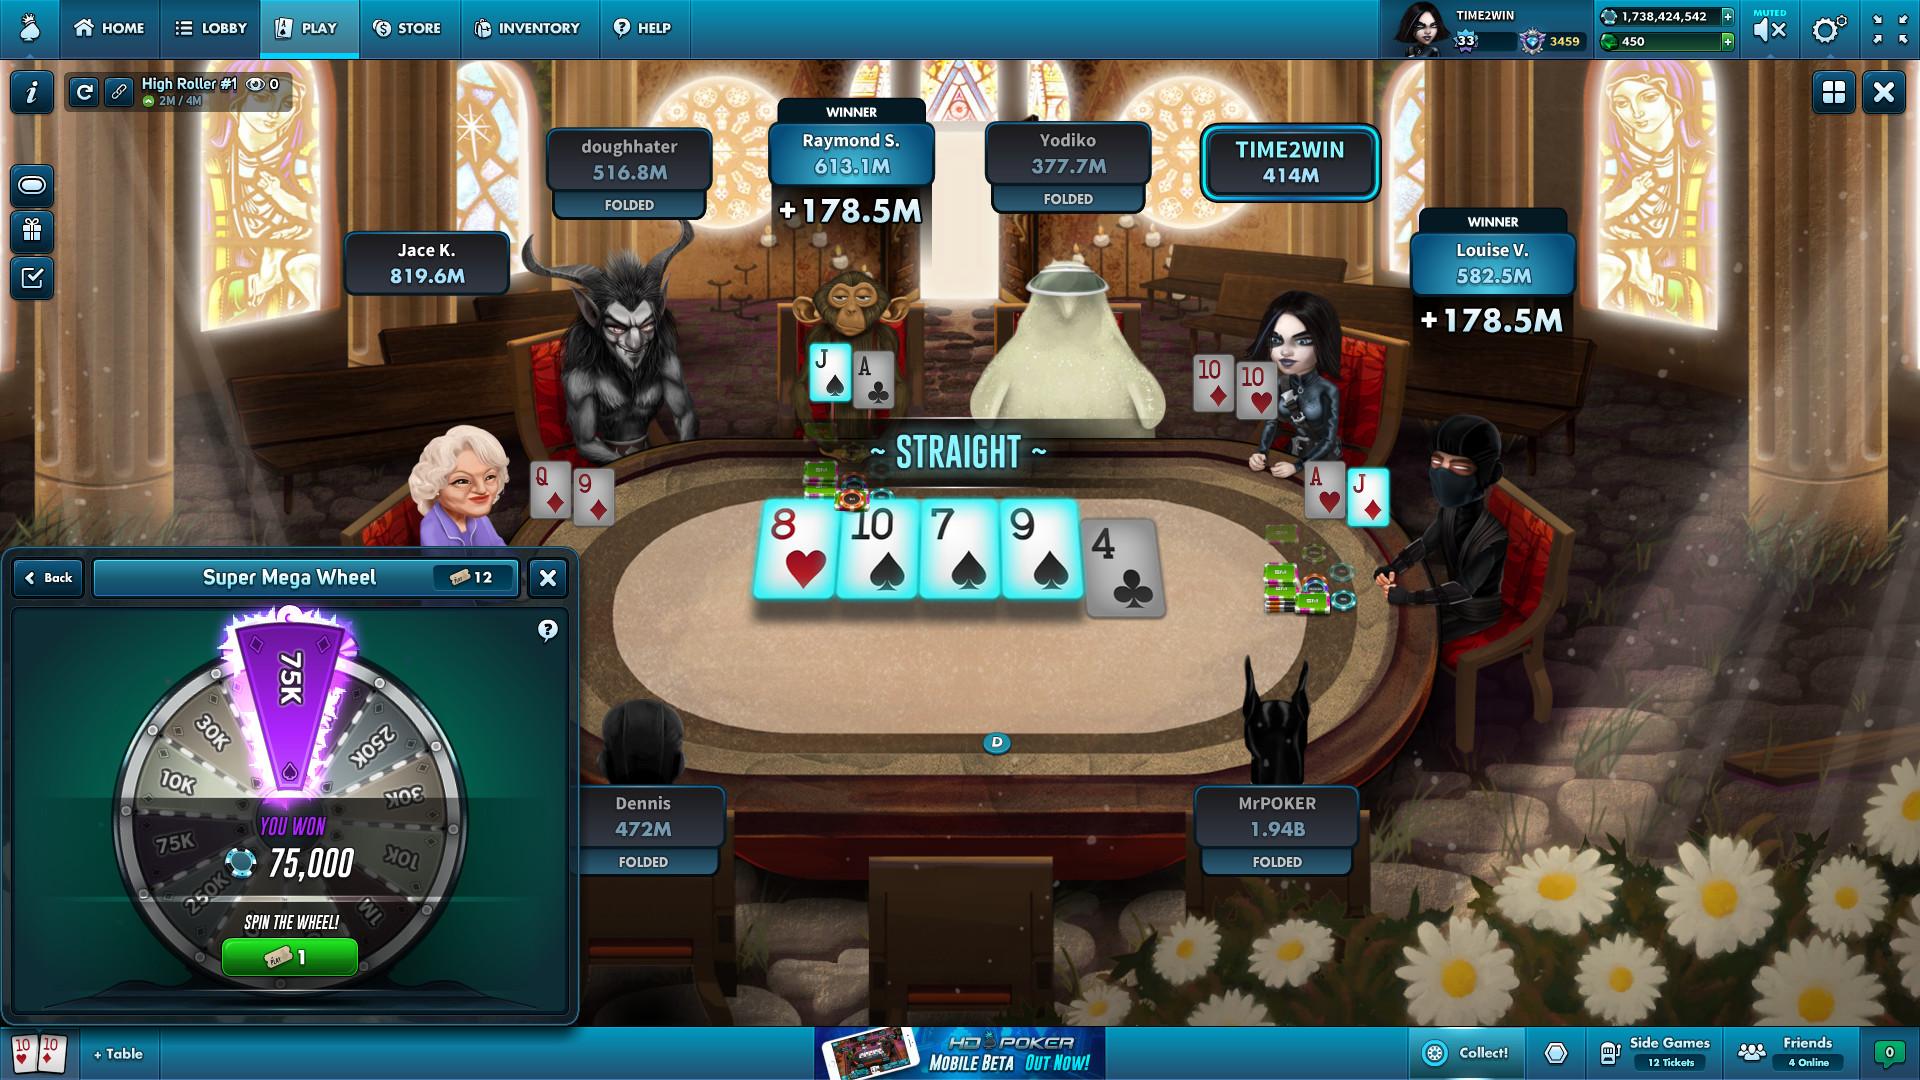 Играть покер онлайн hd бессплатные игровые аппараты на компьютер